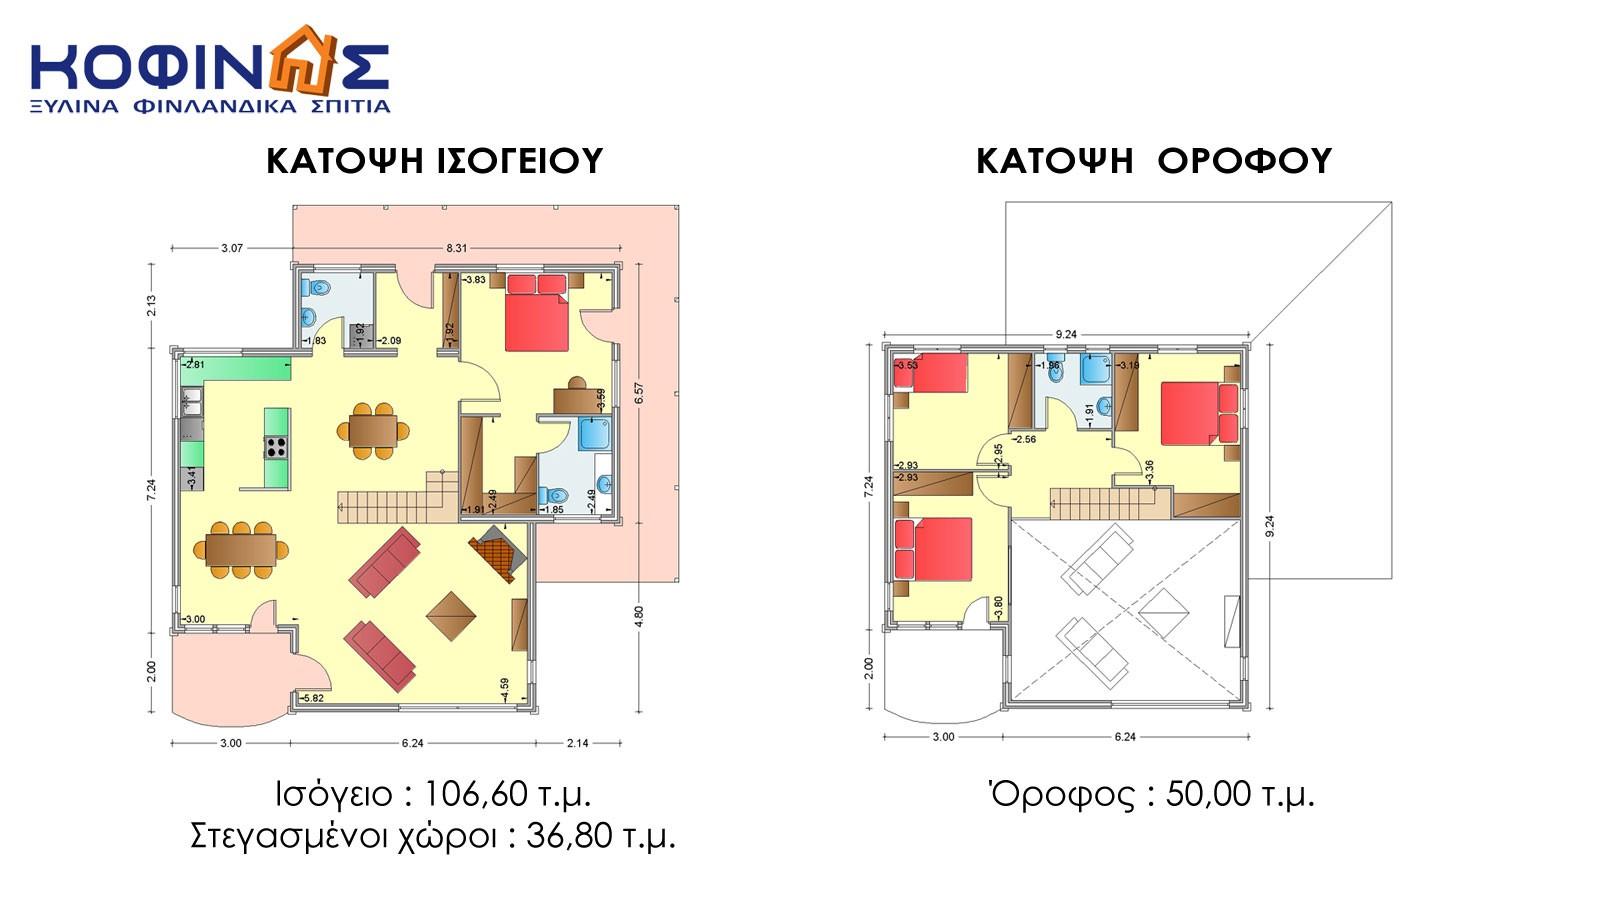 Διώροφη Ξύλινη Κατοικία XD-156, συνολικής επιφάνειας 156,60 τ.μ.